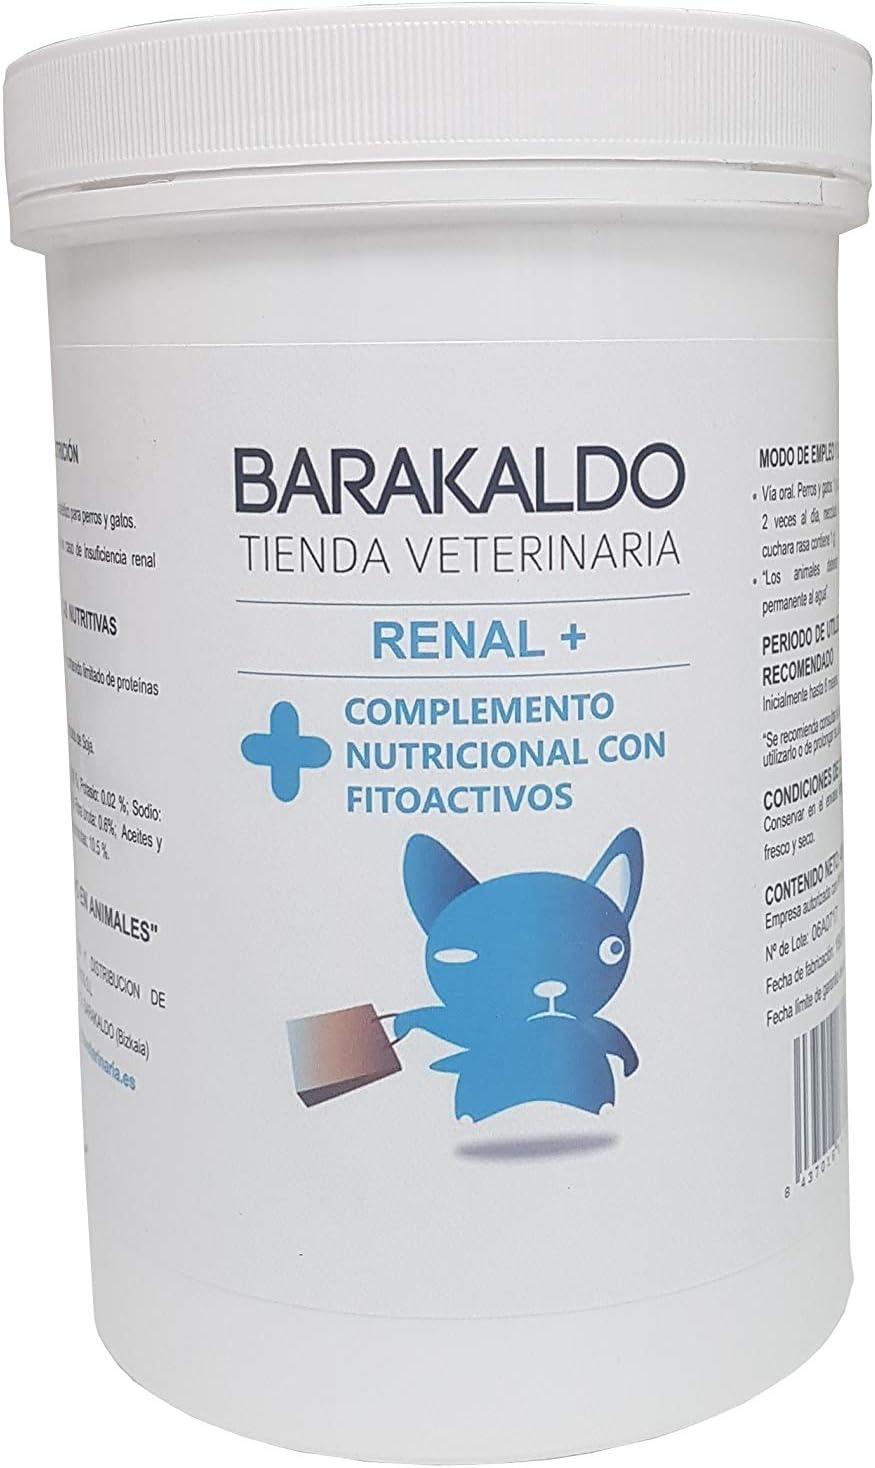 BARAKALDOVET Renal Plus 400 gr Barakaldo Vet Shop: Amazon.es ...